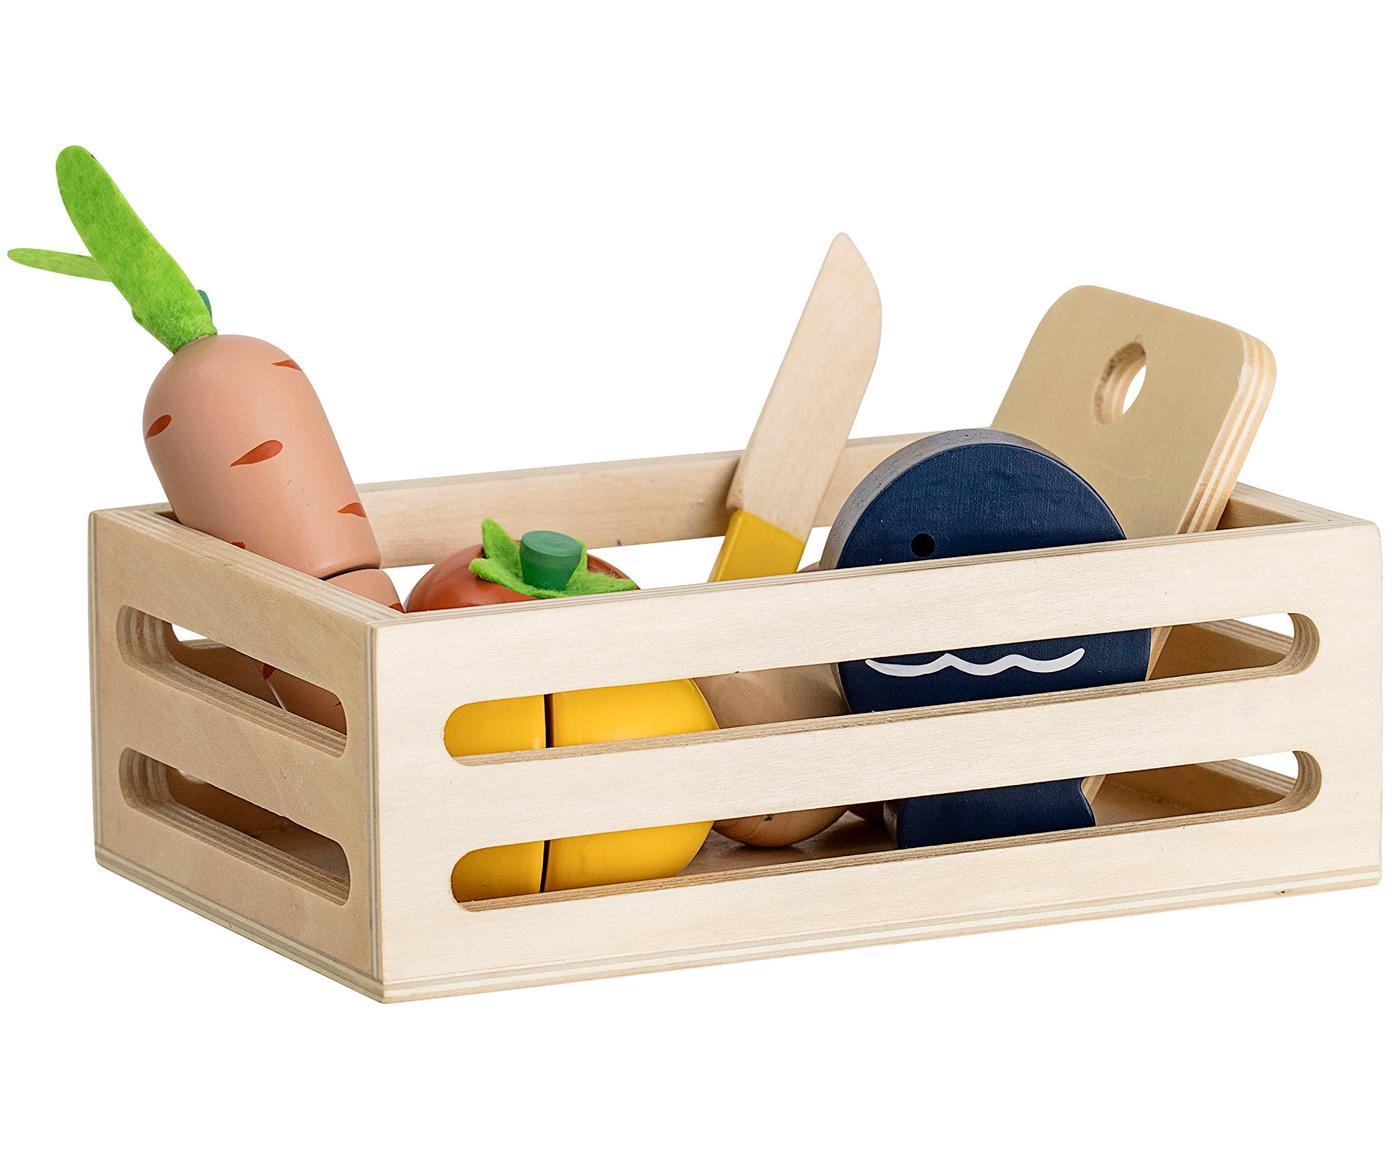 Set da gioco Foodbox 8 pz, Compensato, pannello di fibra a media densità, Multicolore, Larg. 18 x Alt. 6 cm